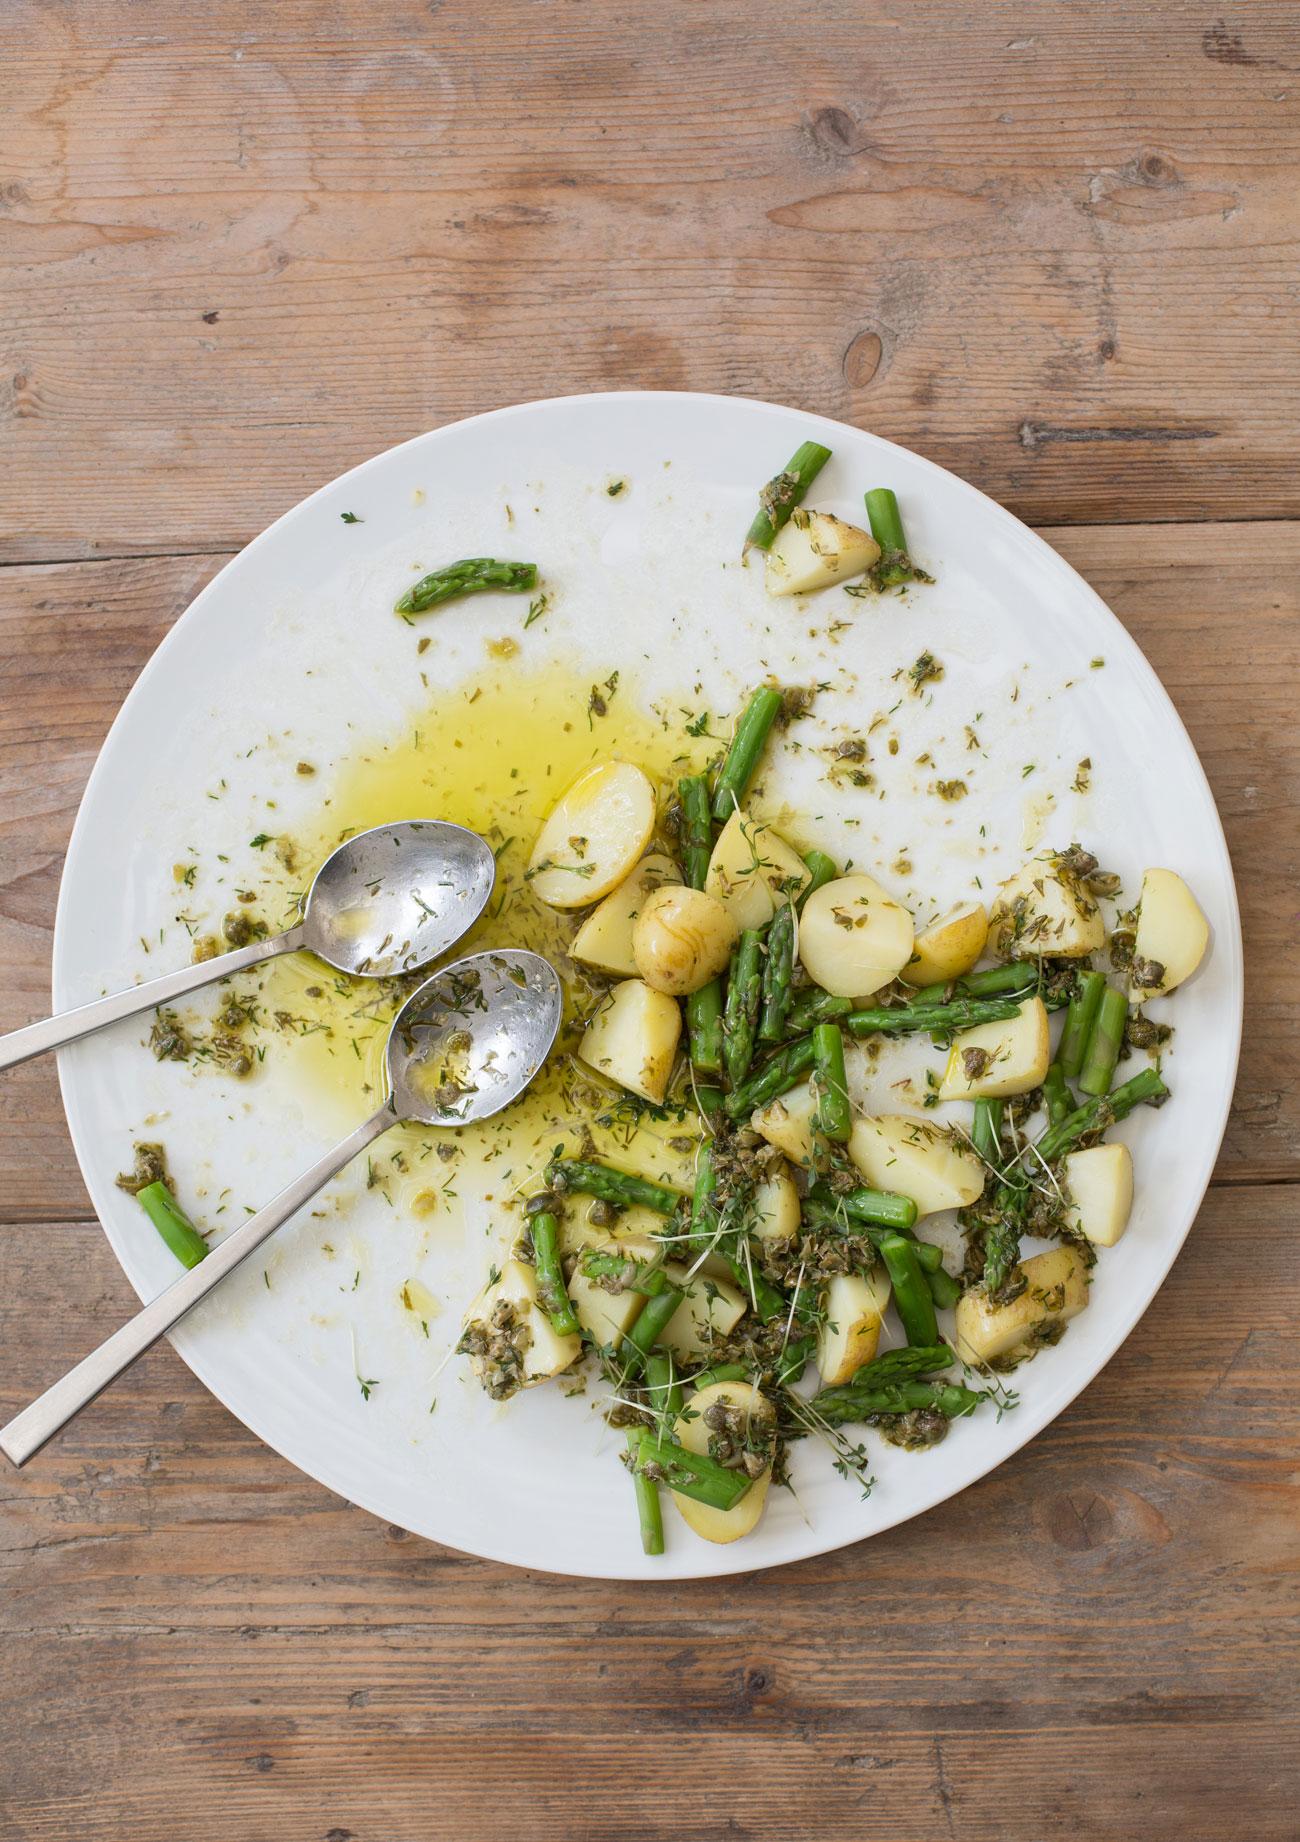 gruener-spargel-und-kartoffeln-held-am-herd